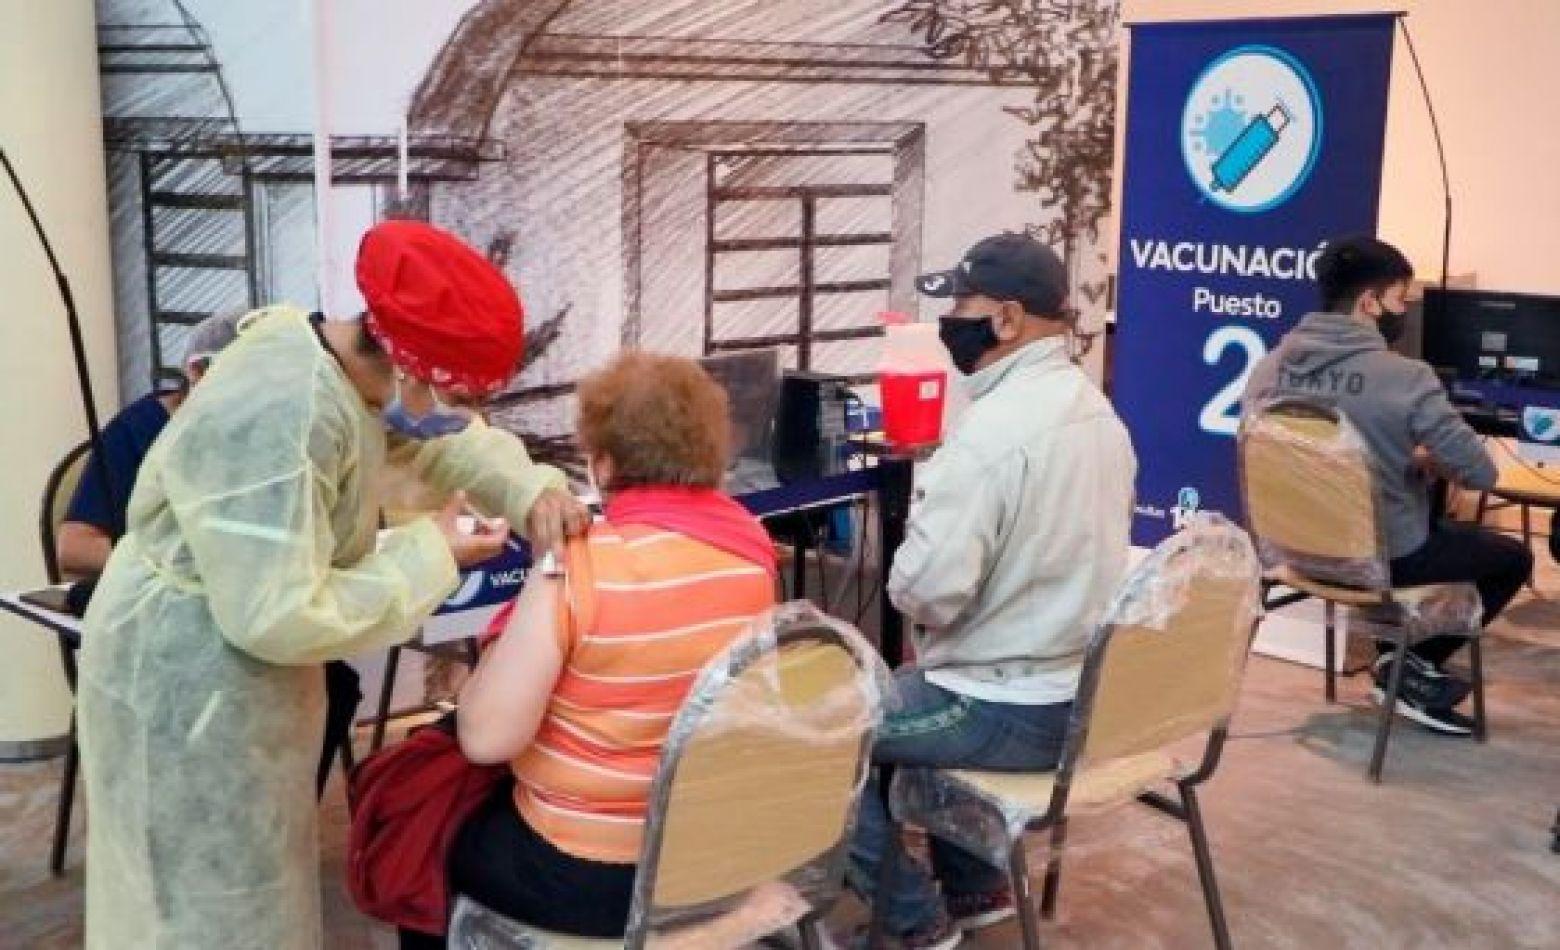 Salta: Comienzan a vacunar contra COVID-19 a mayores de 55 años